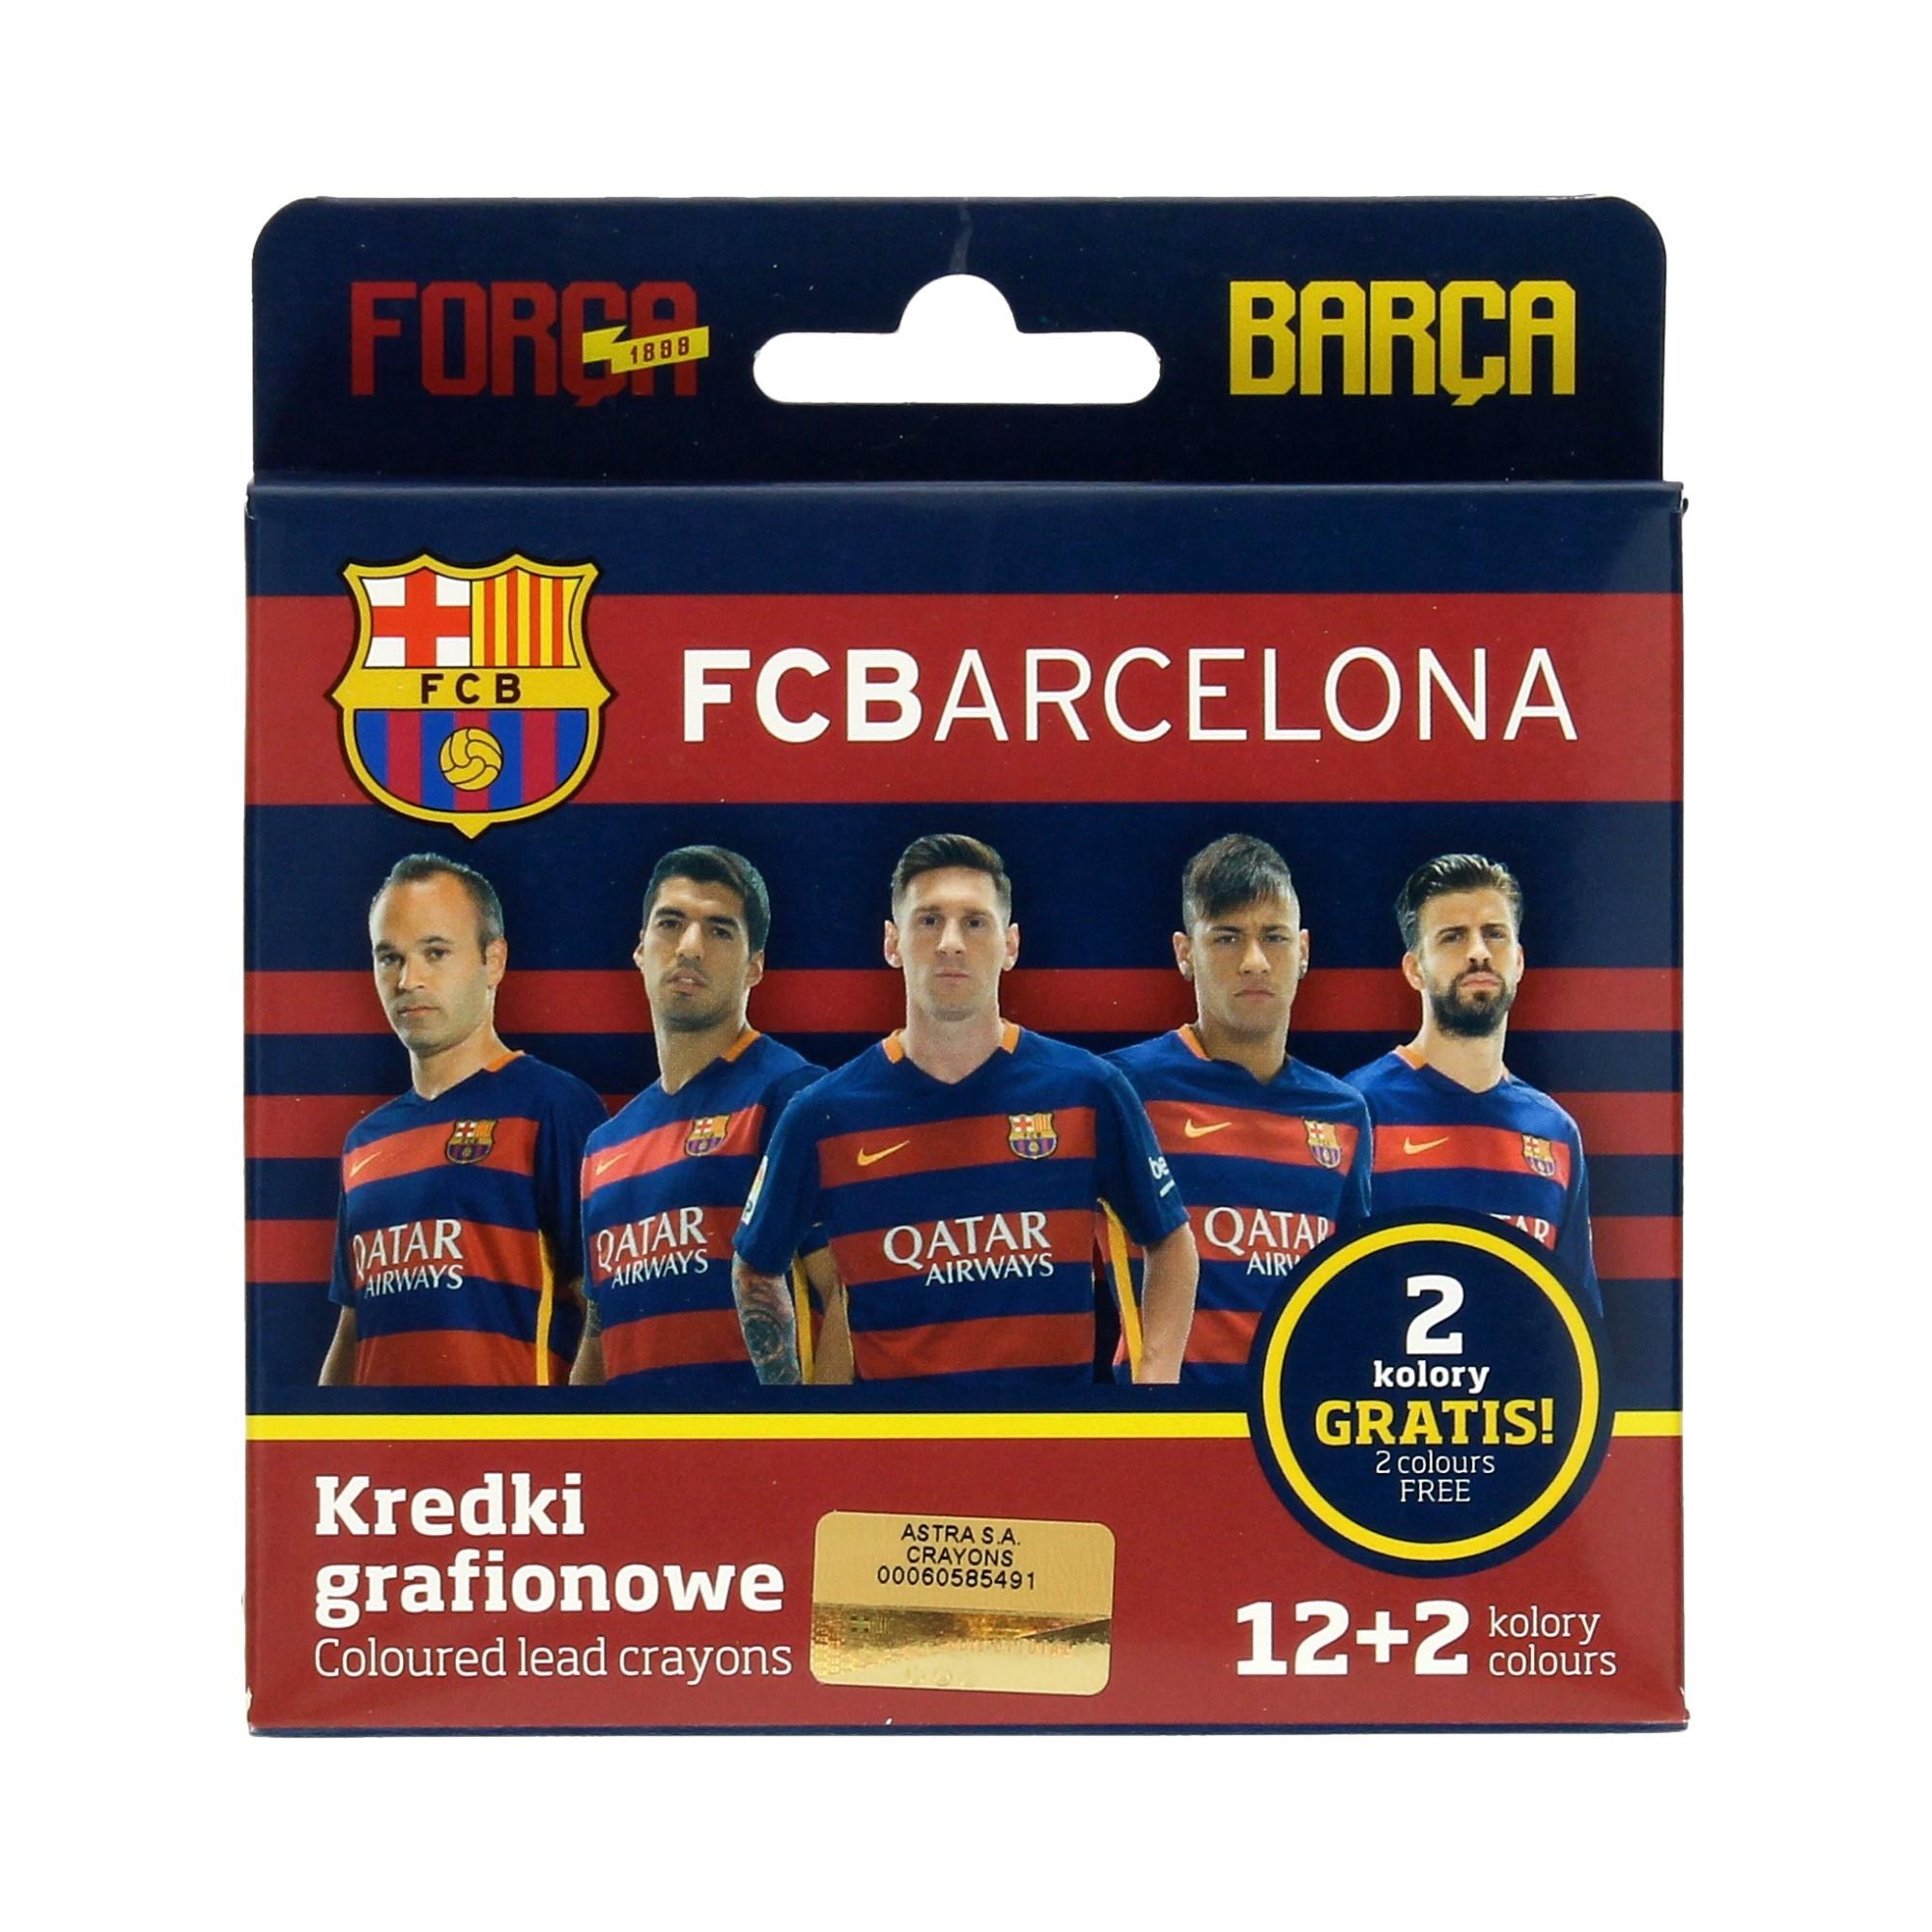 Kredki grafionowe 12kol + 2 kol. gratis FC Barcelona Astra